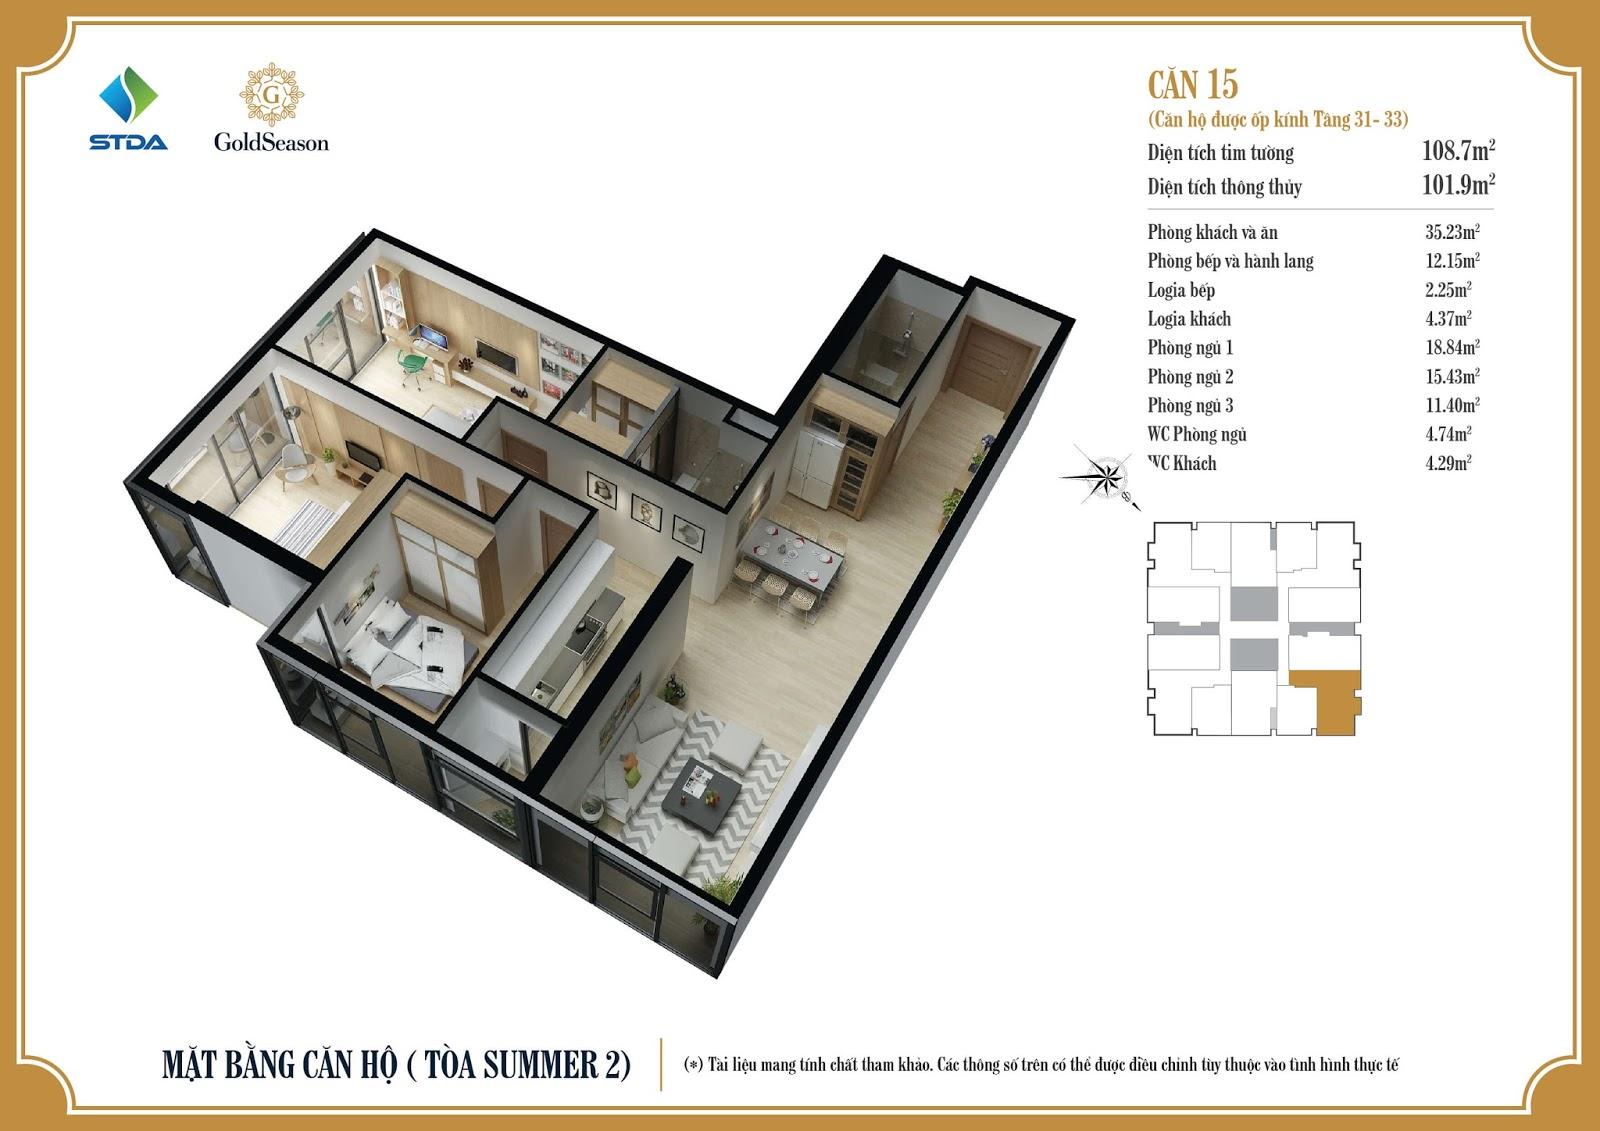 Mặt bằng căn hộ ỐP KÍNH số 03, 06, 10 và 15 diện tích 108,7m2 tầng 31 đến 33 - GoldSeason